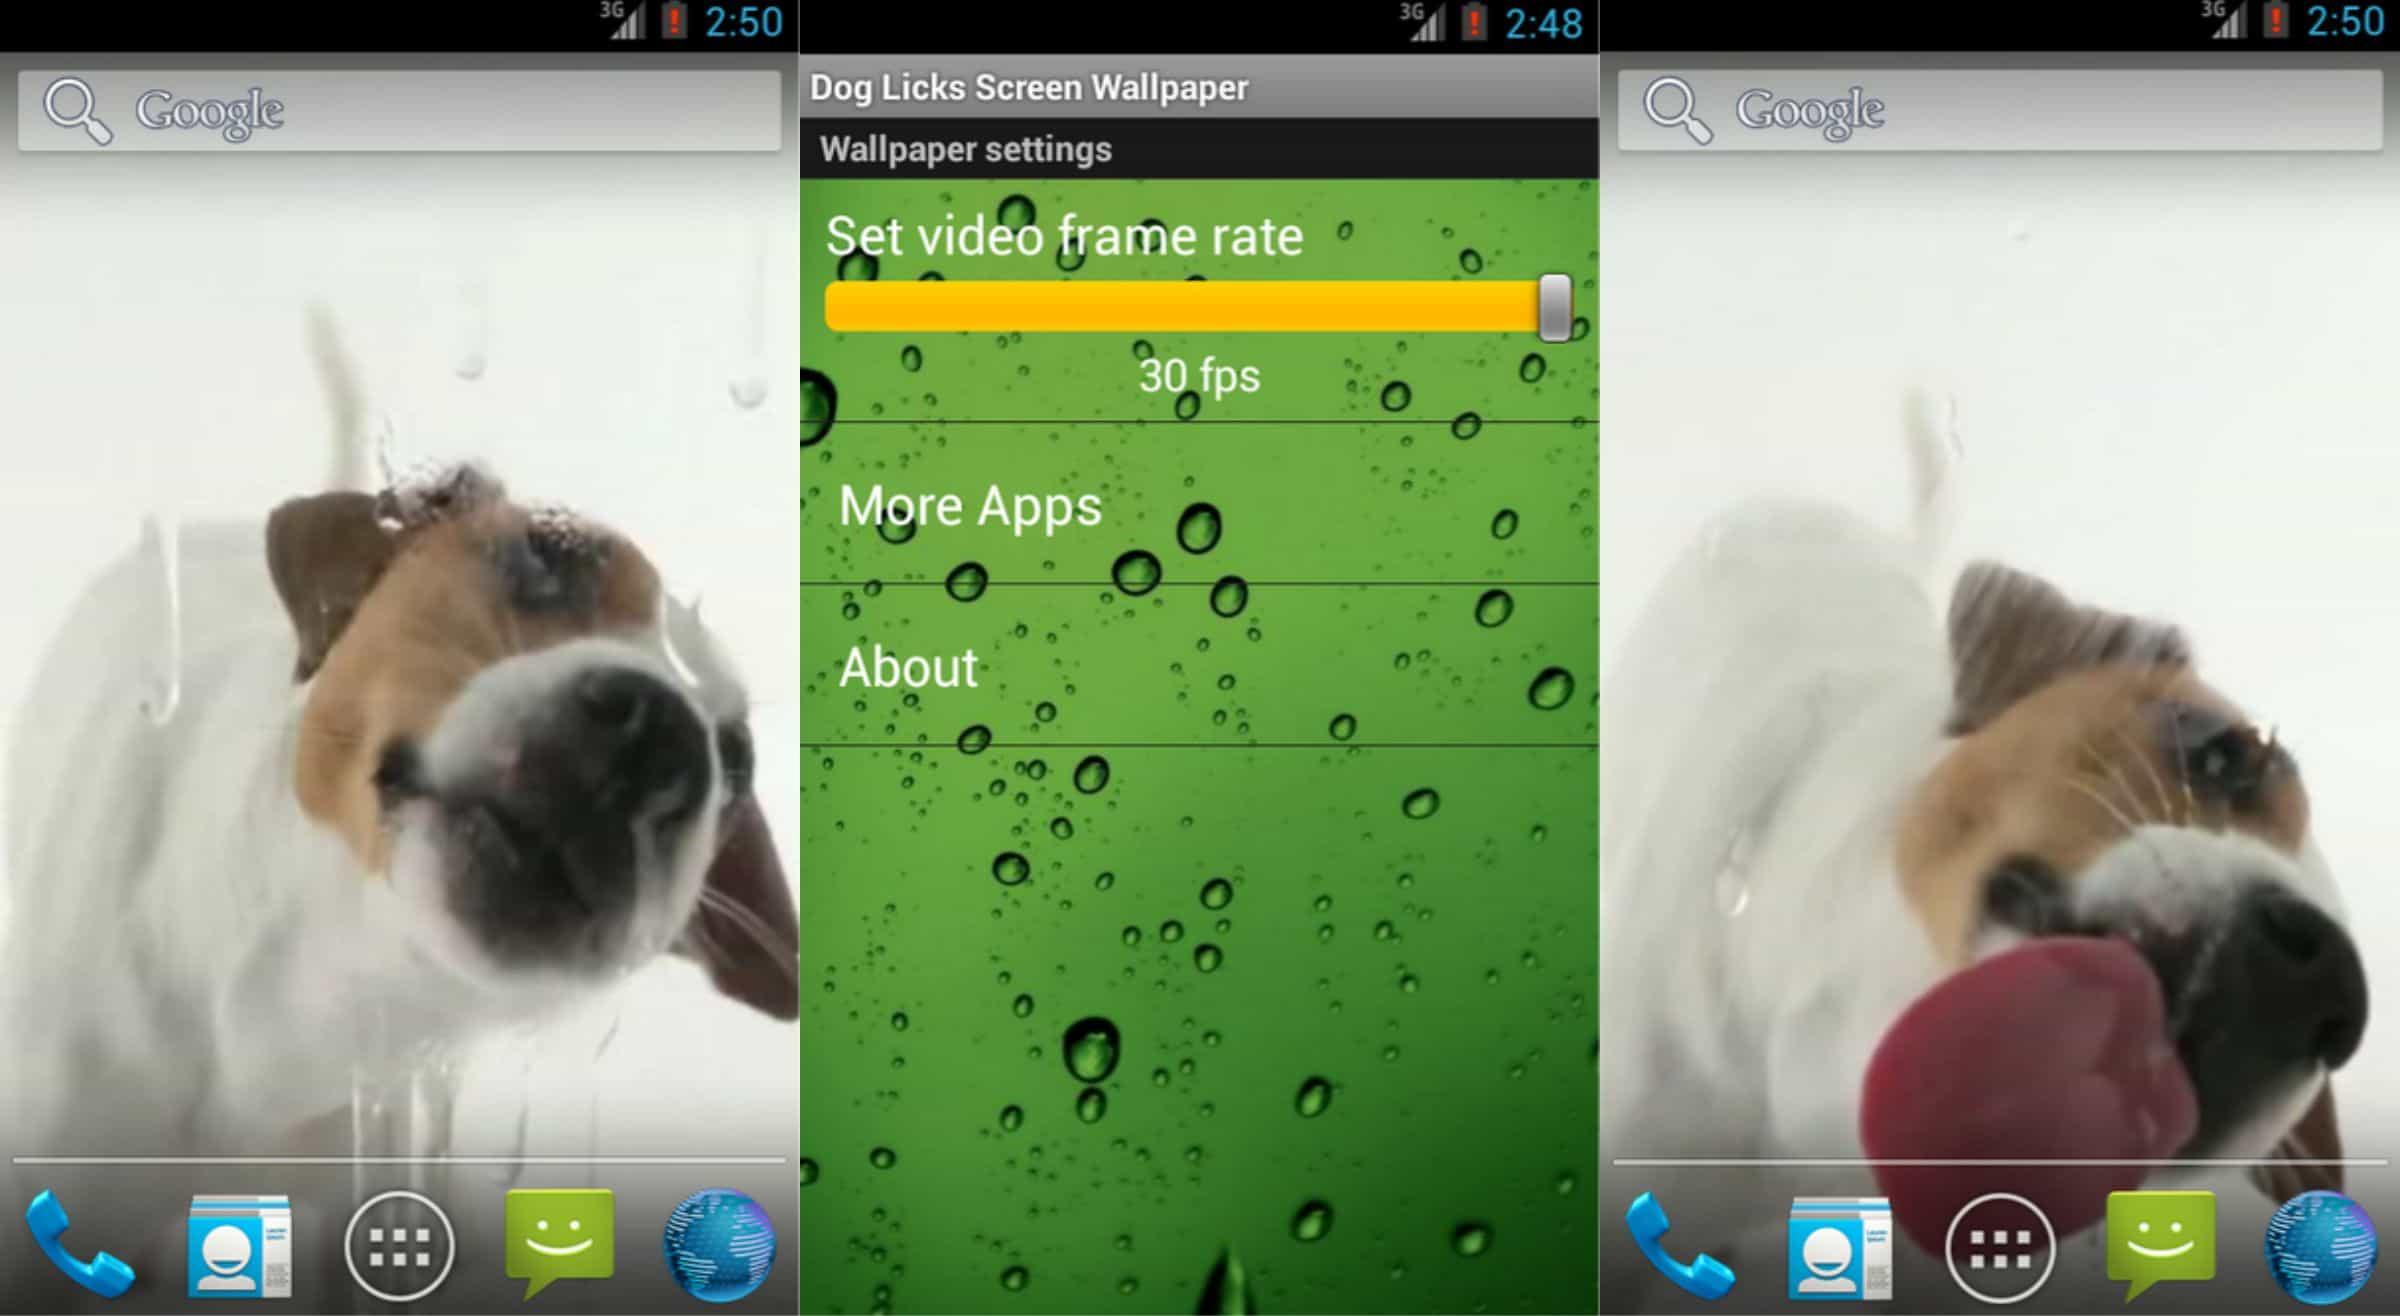 DogLicksScreen.jpg